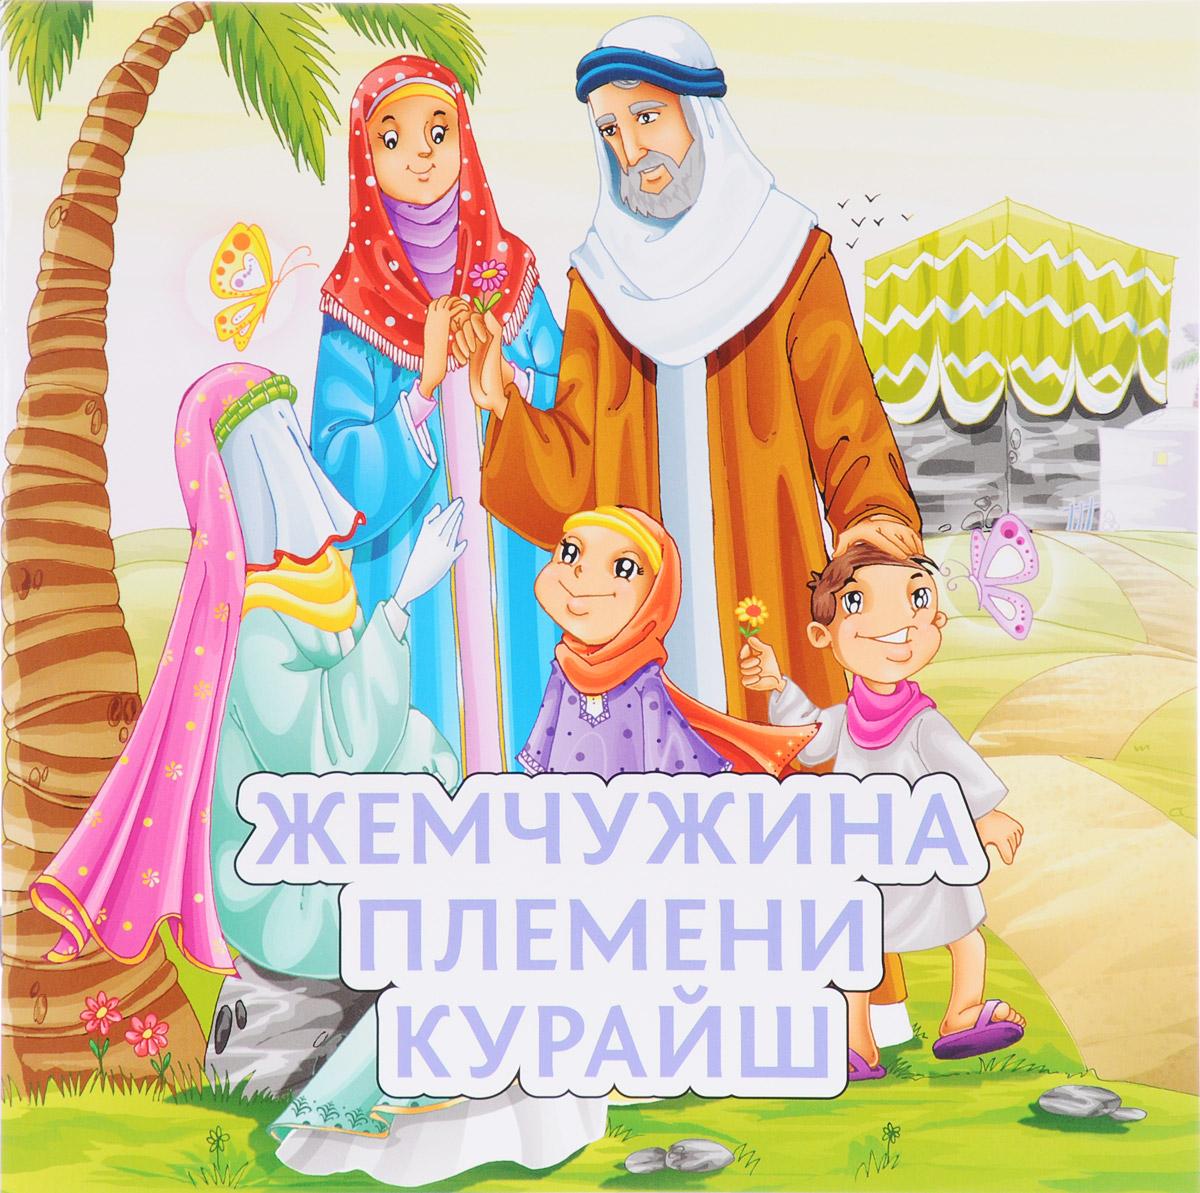 Жемчужина племени Курайш дмитрий валерьевич дубов откровения последнего пророка